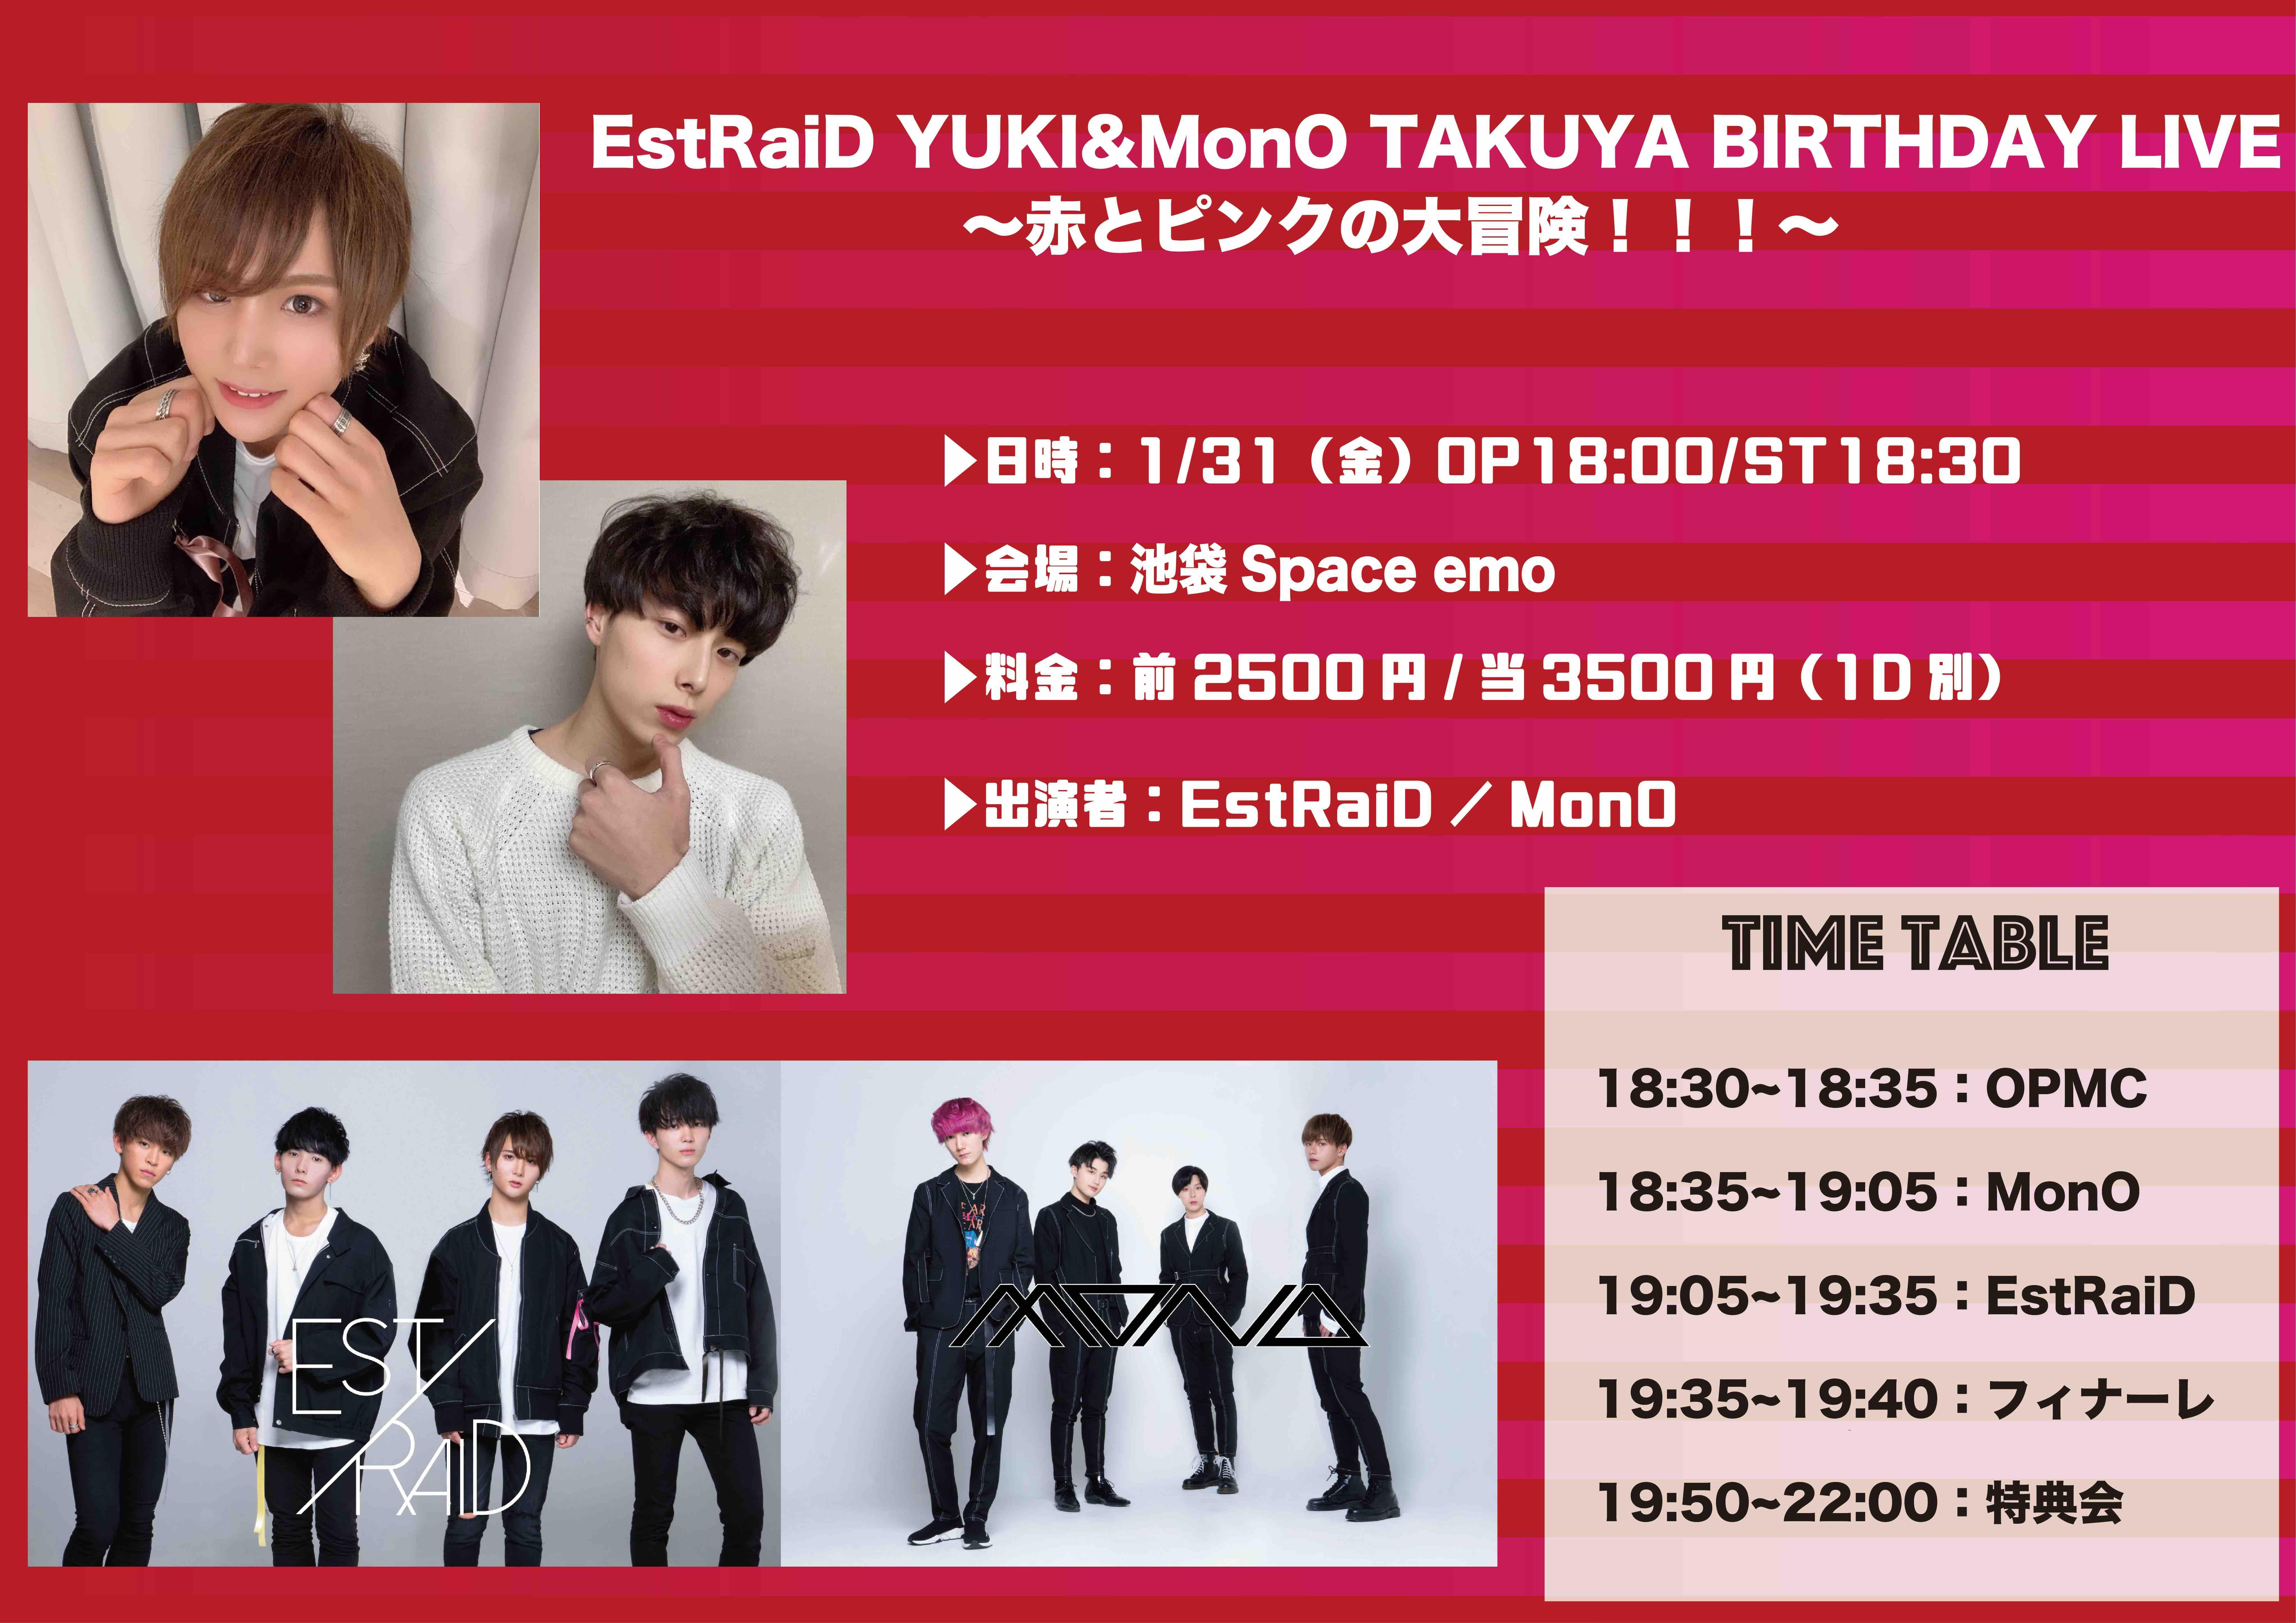 EstRaiD YUKI&MonO TAKUYA BIRTHDAY LIVE~赤とピンクの大冒険!!!~